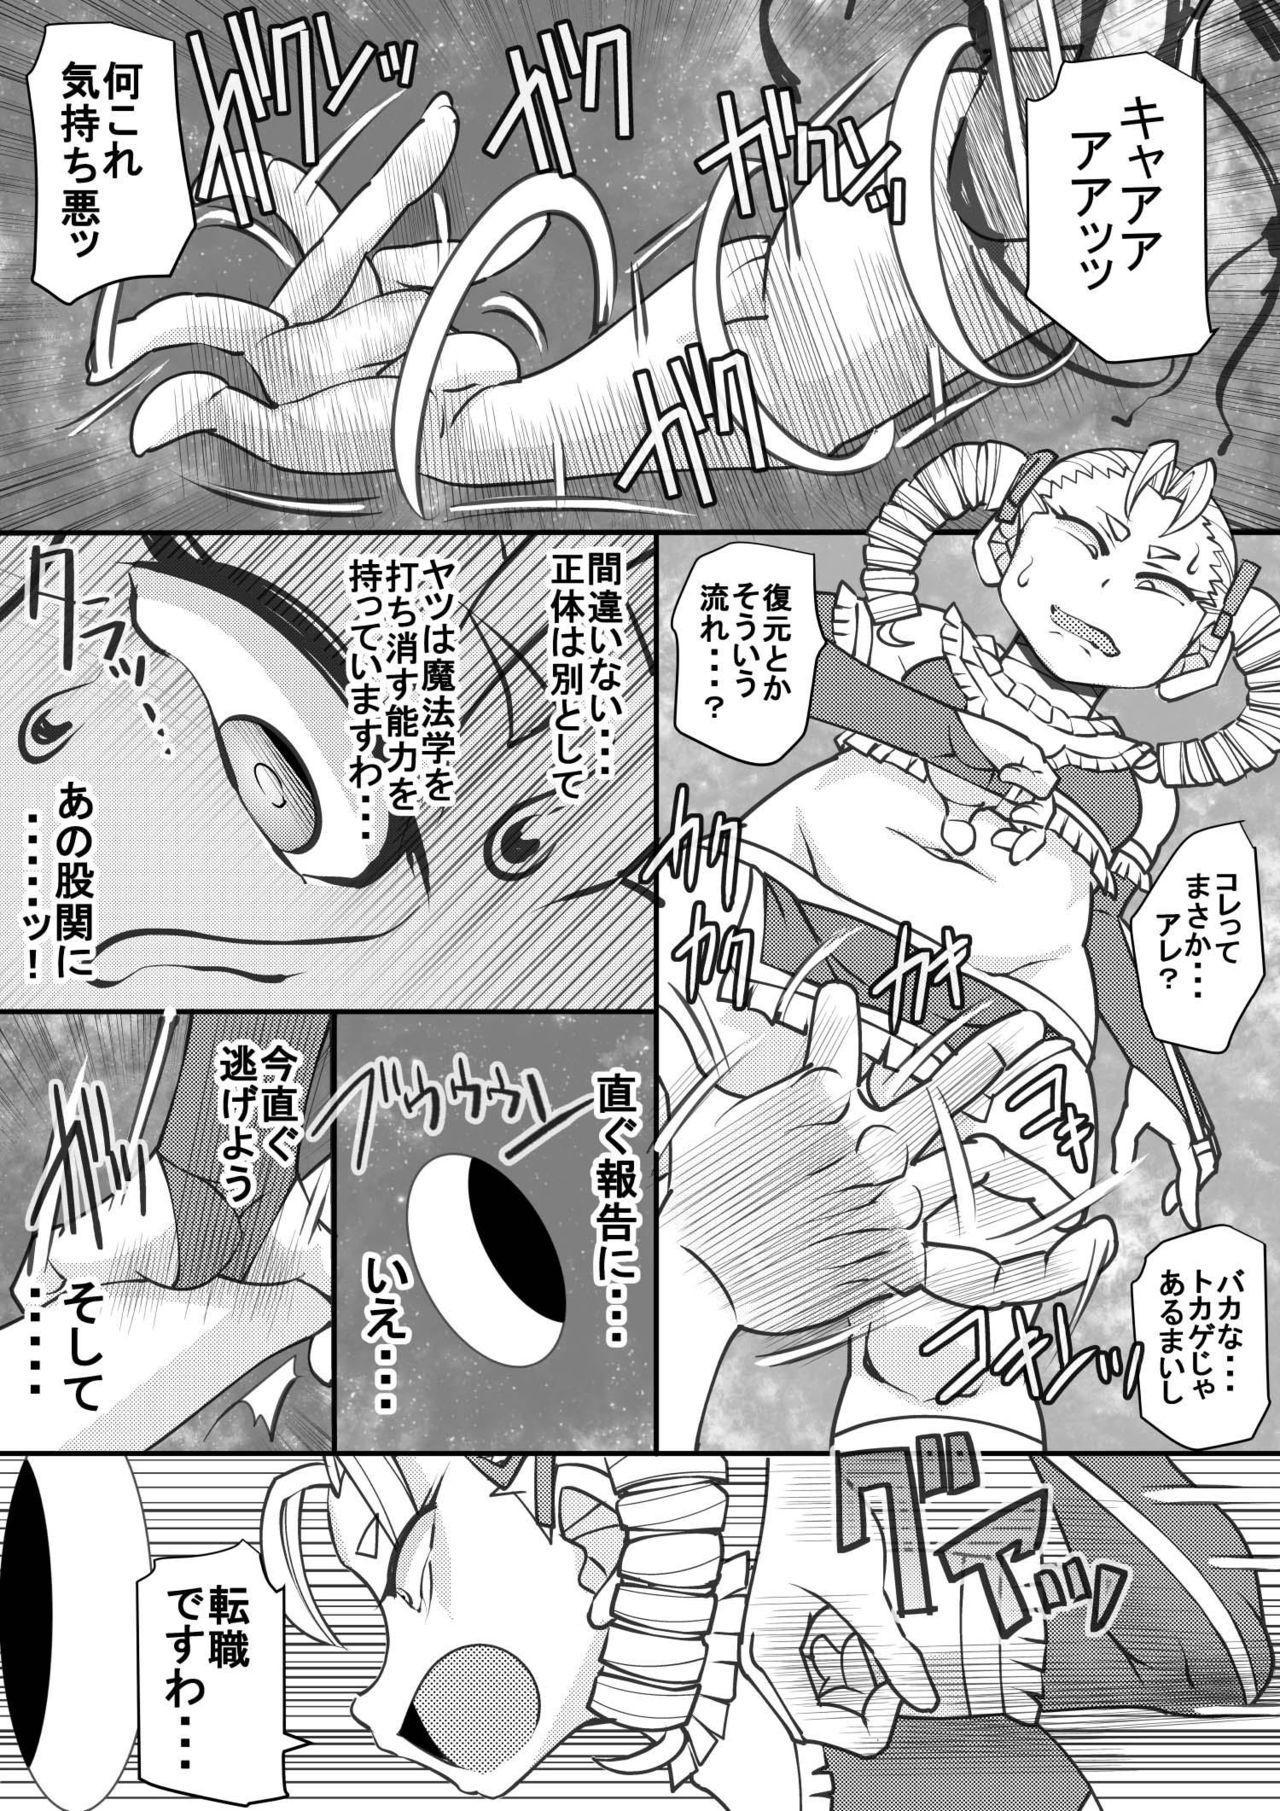 Uchi no Joseito Zenin Haramaseta Kedamono ga Anta no Gakuen ni Iku Rashii yo? 27 14